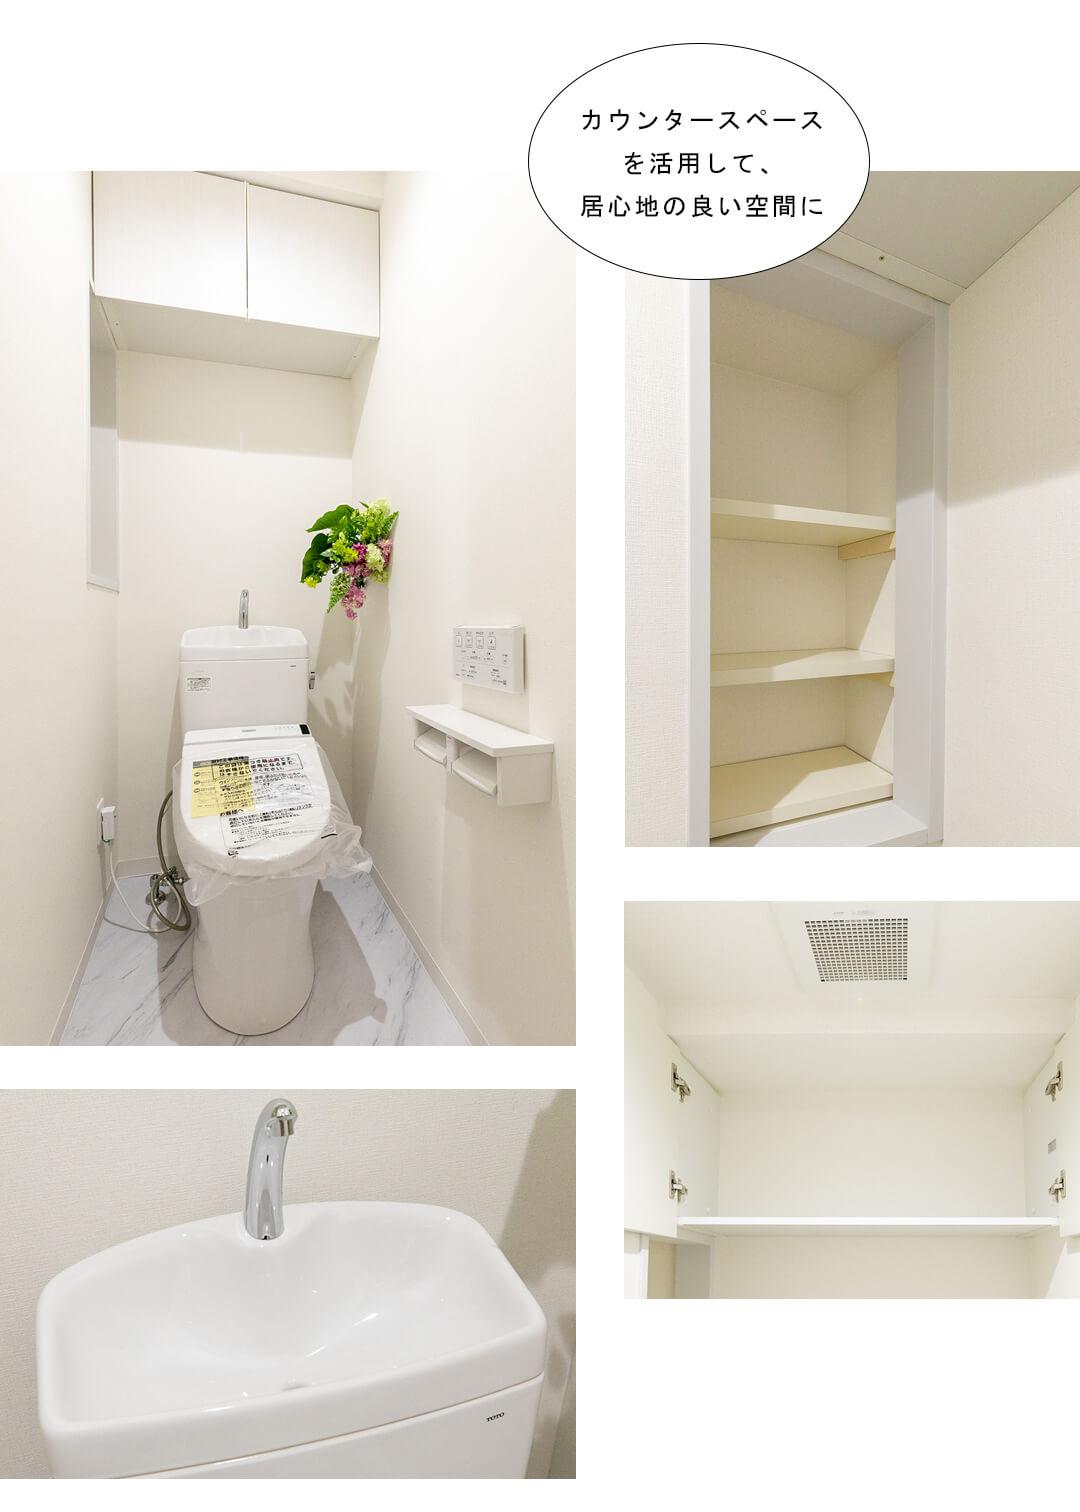 グランドステージ初台 902のトイレ